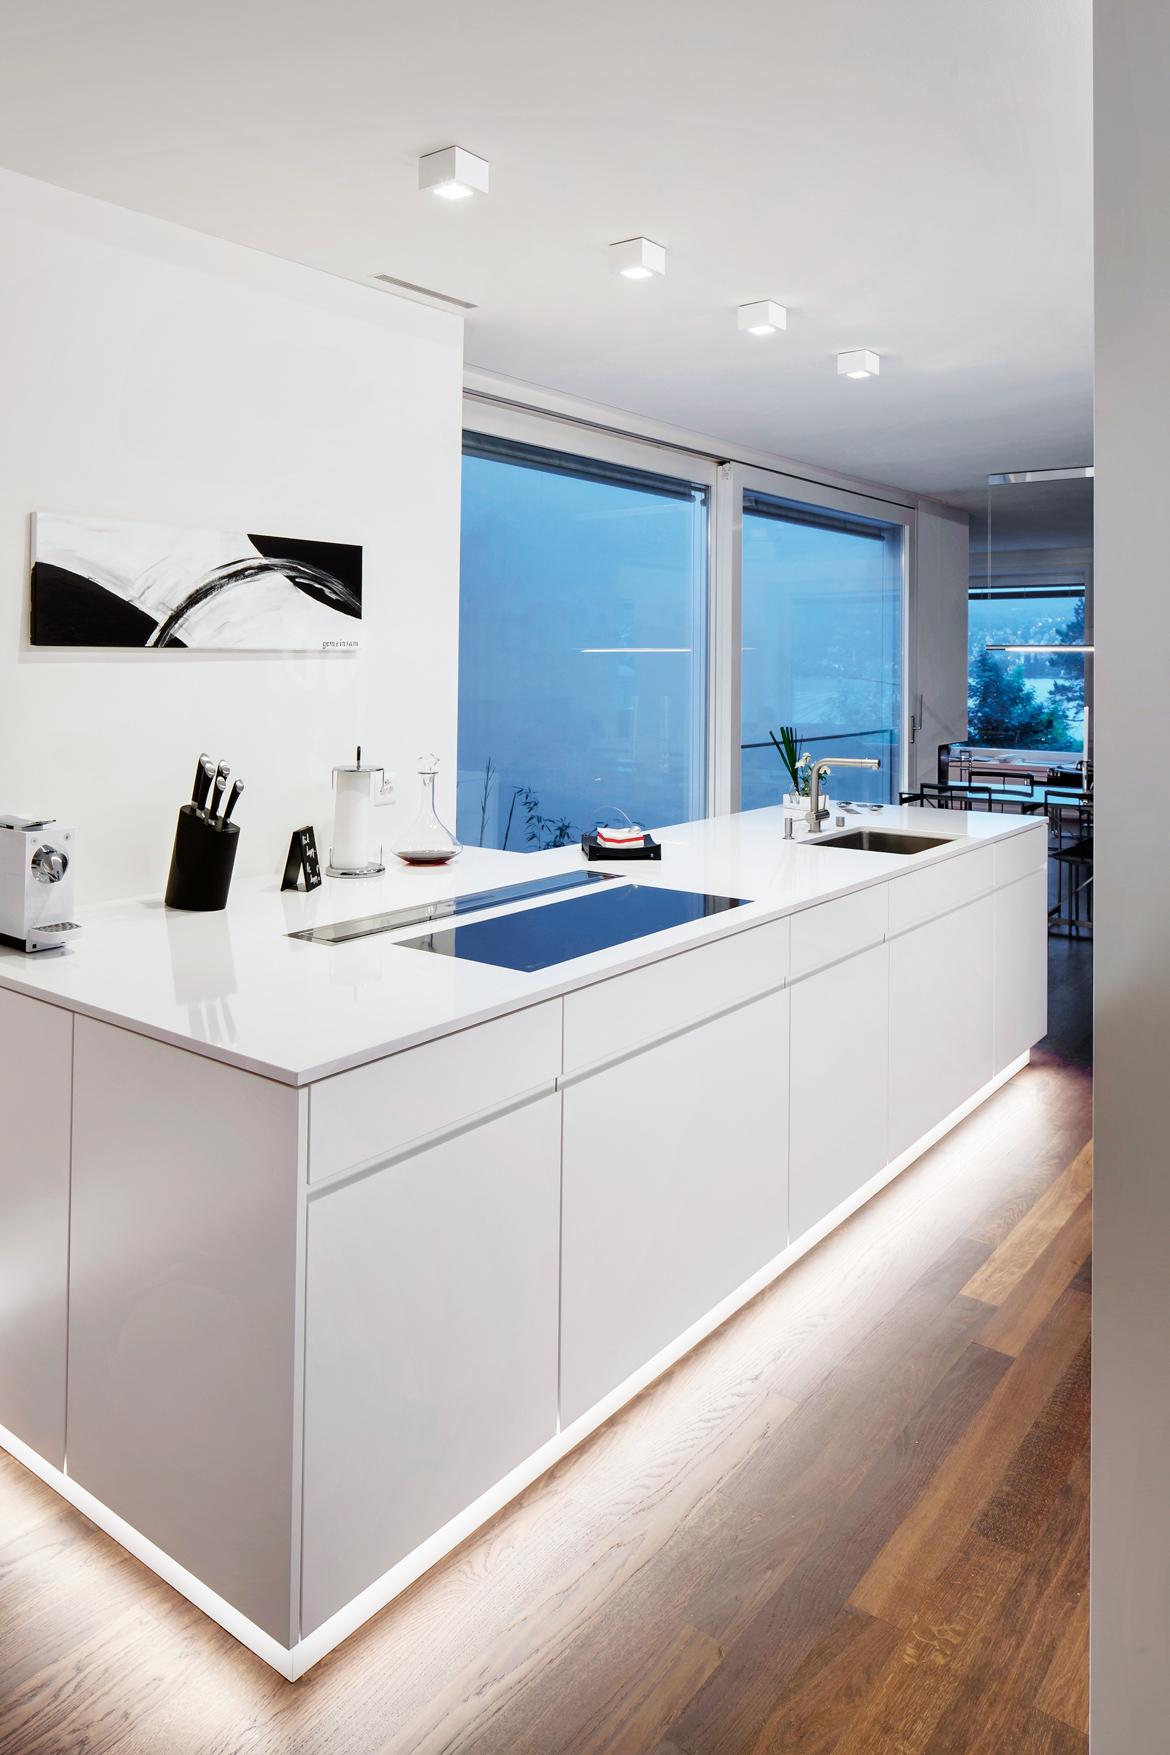 Die Interessante Lichtführung Dieser Kücheninsel In Einer Traumwohnung In  Thalwil Gibt Einem Fast Das Gefühl, Als Würde Sie Schweben. Unglaublich  Schön!